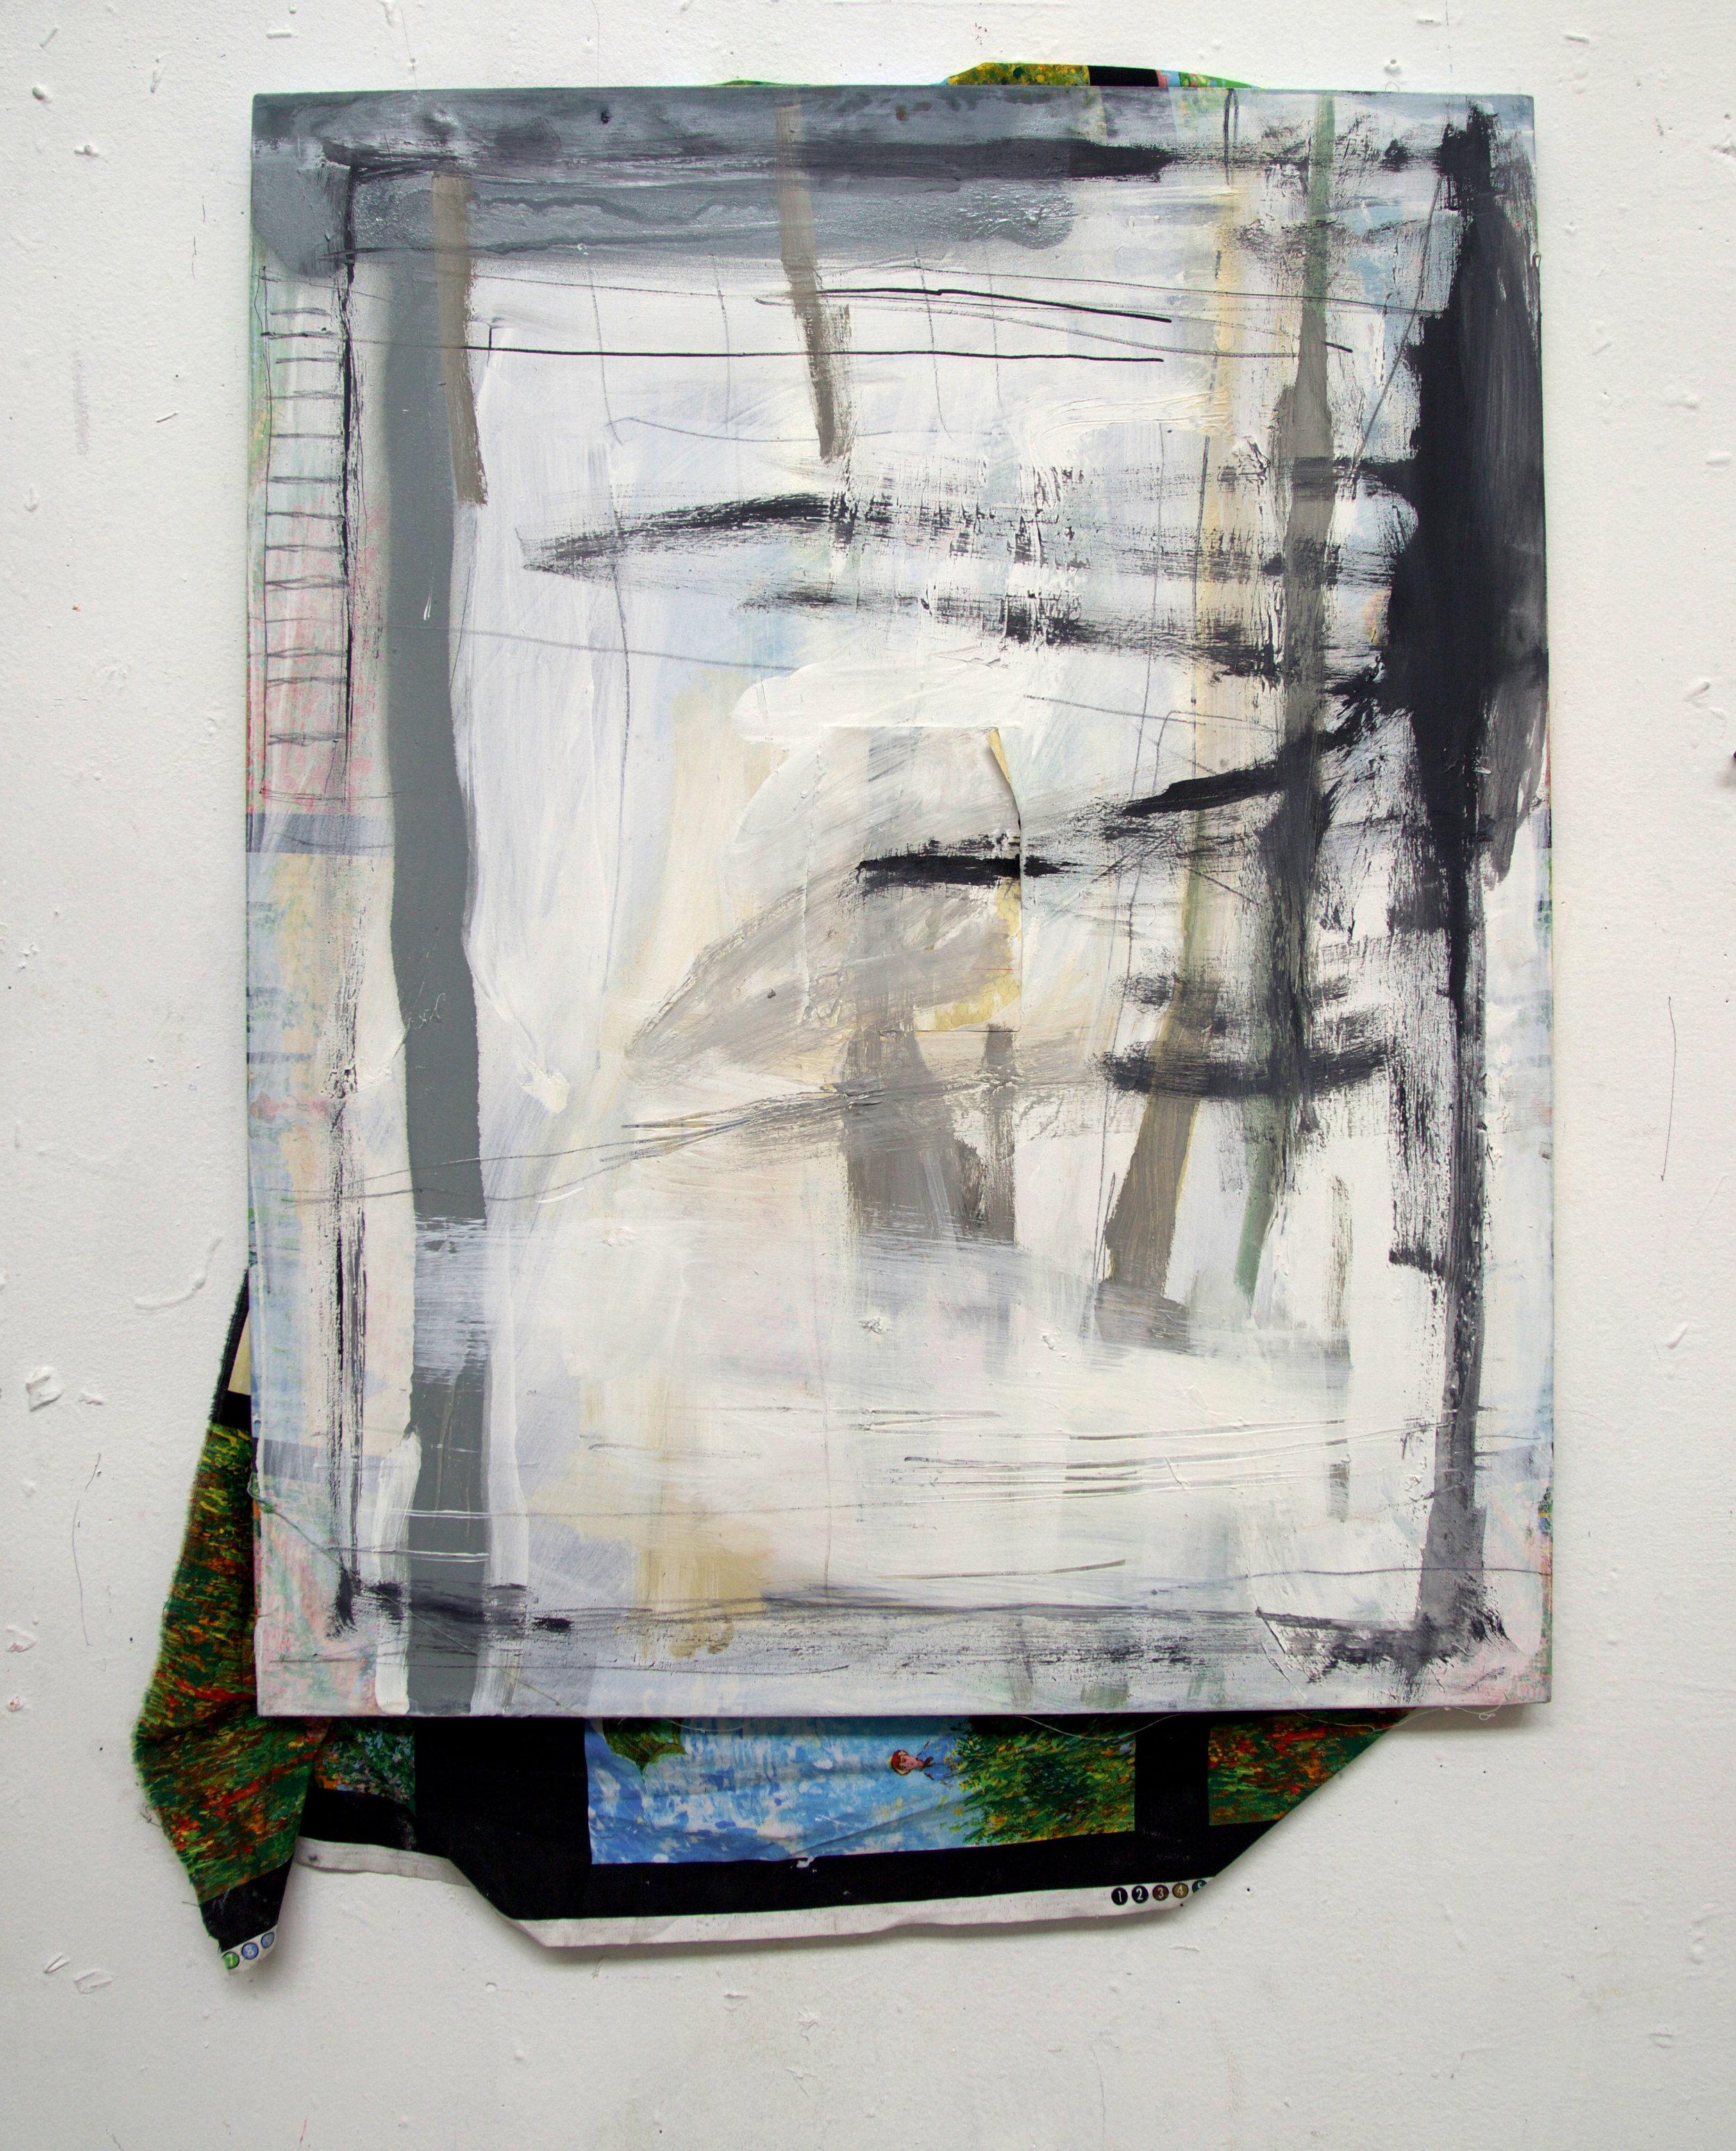 frames, 2015